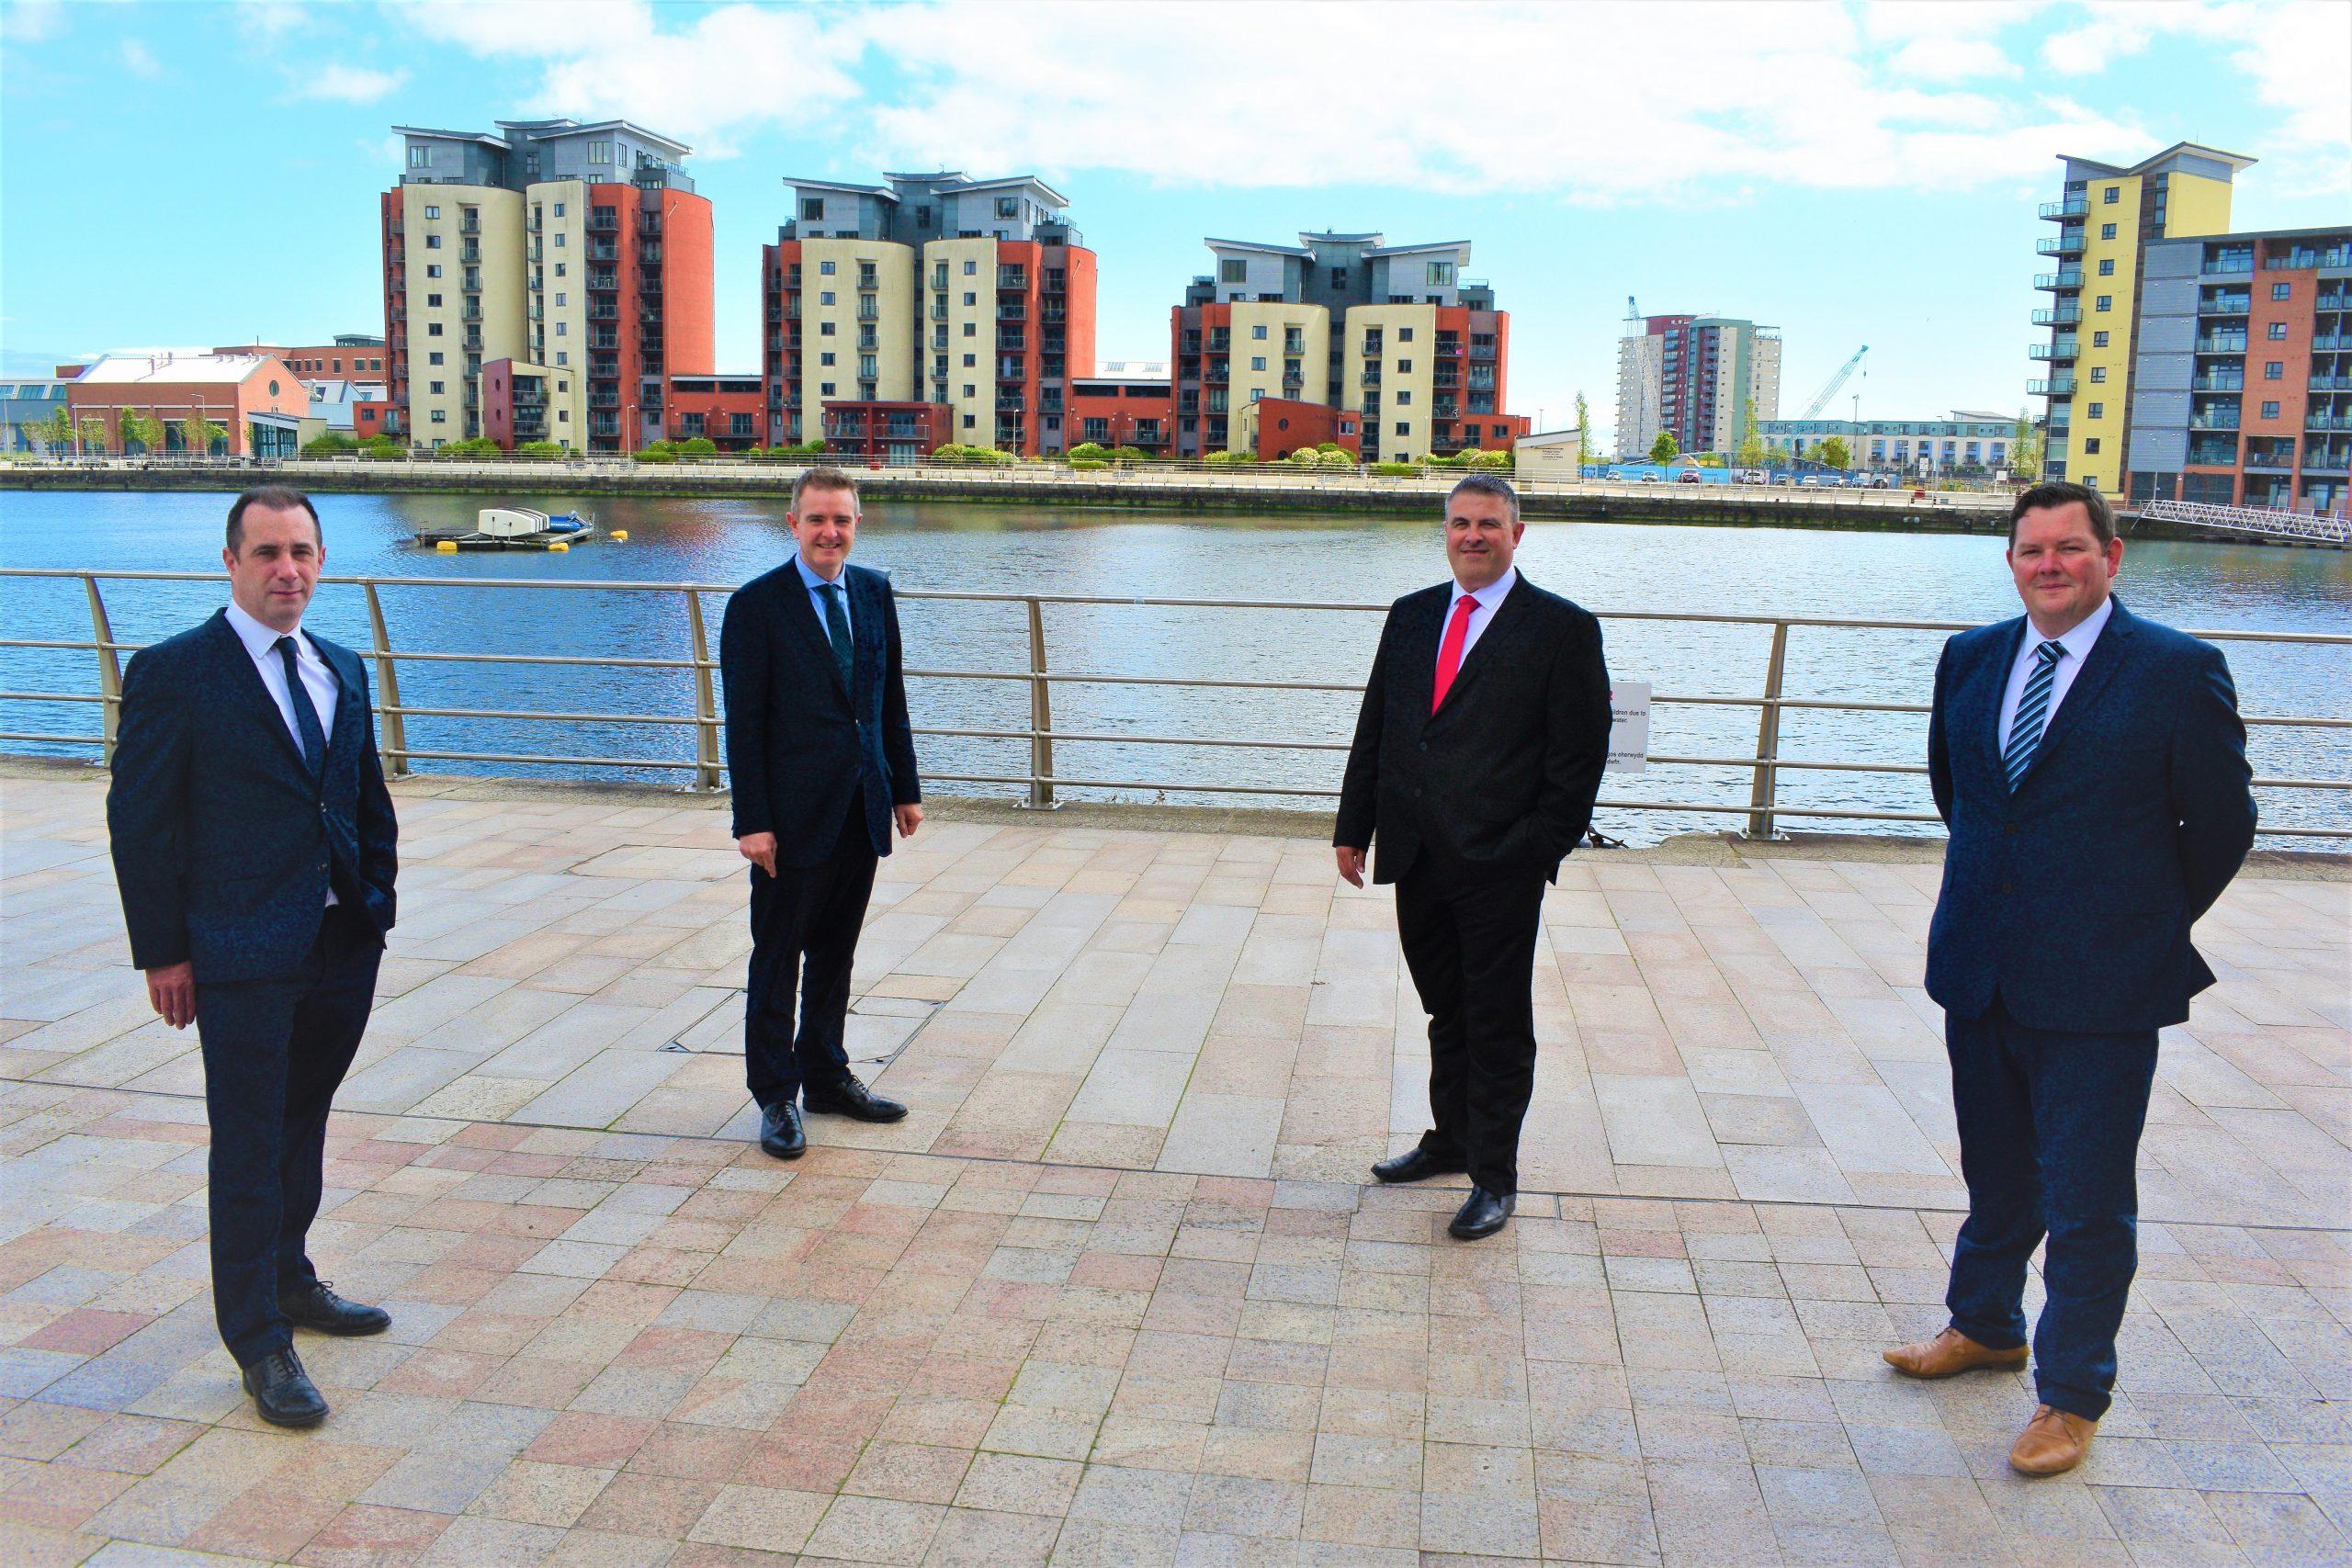 Bevan Buckland Tech Wales Directors